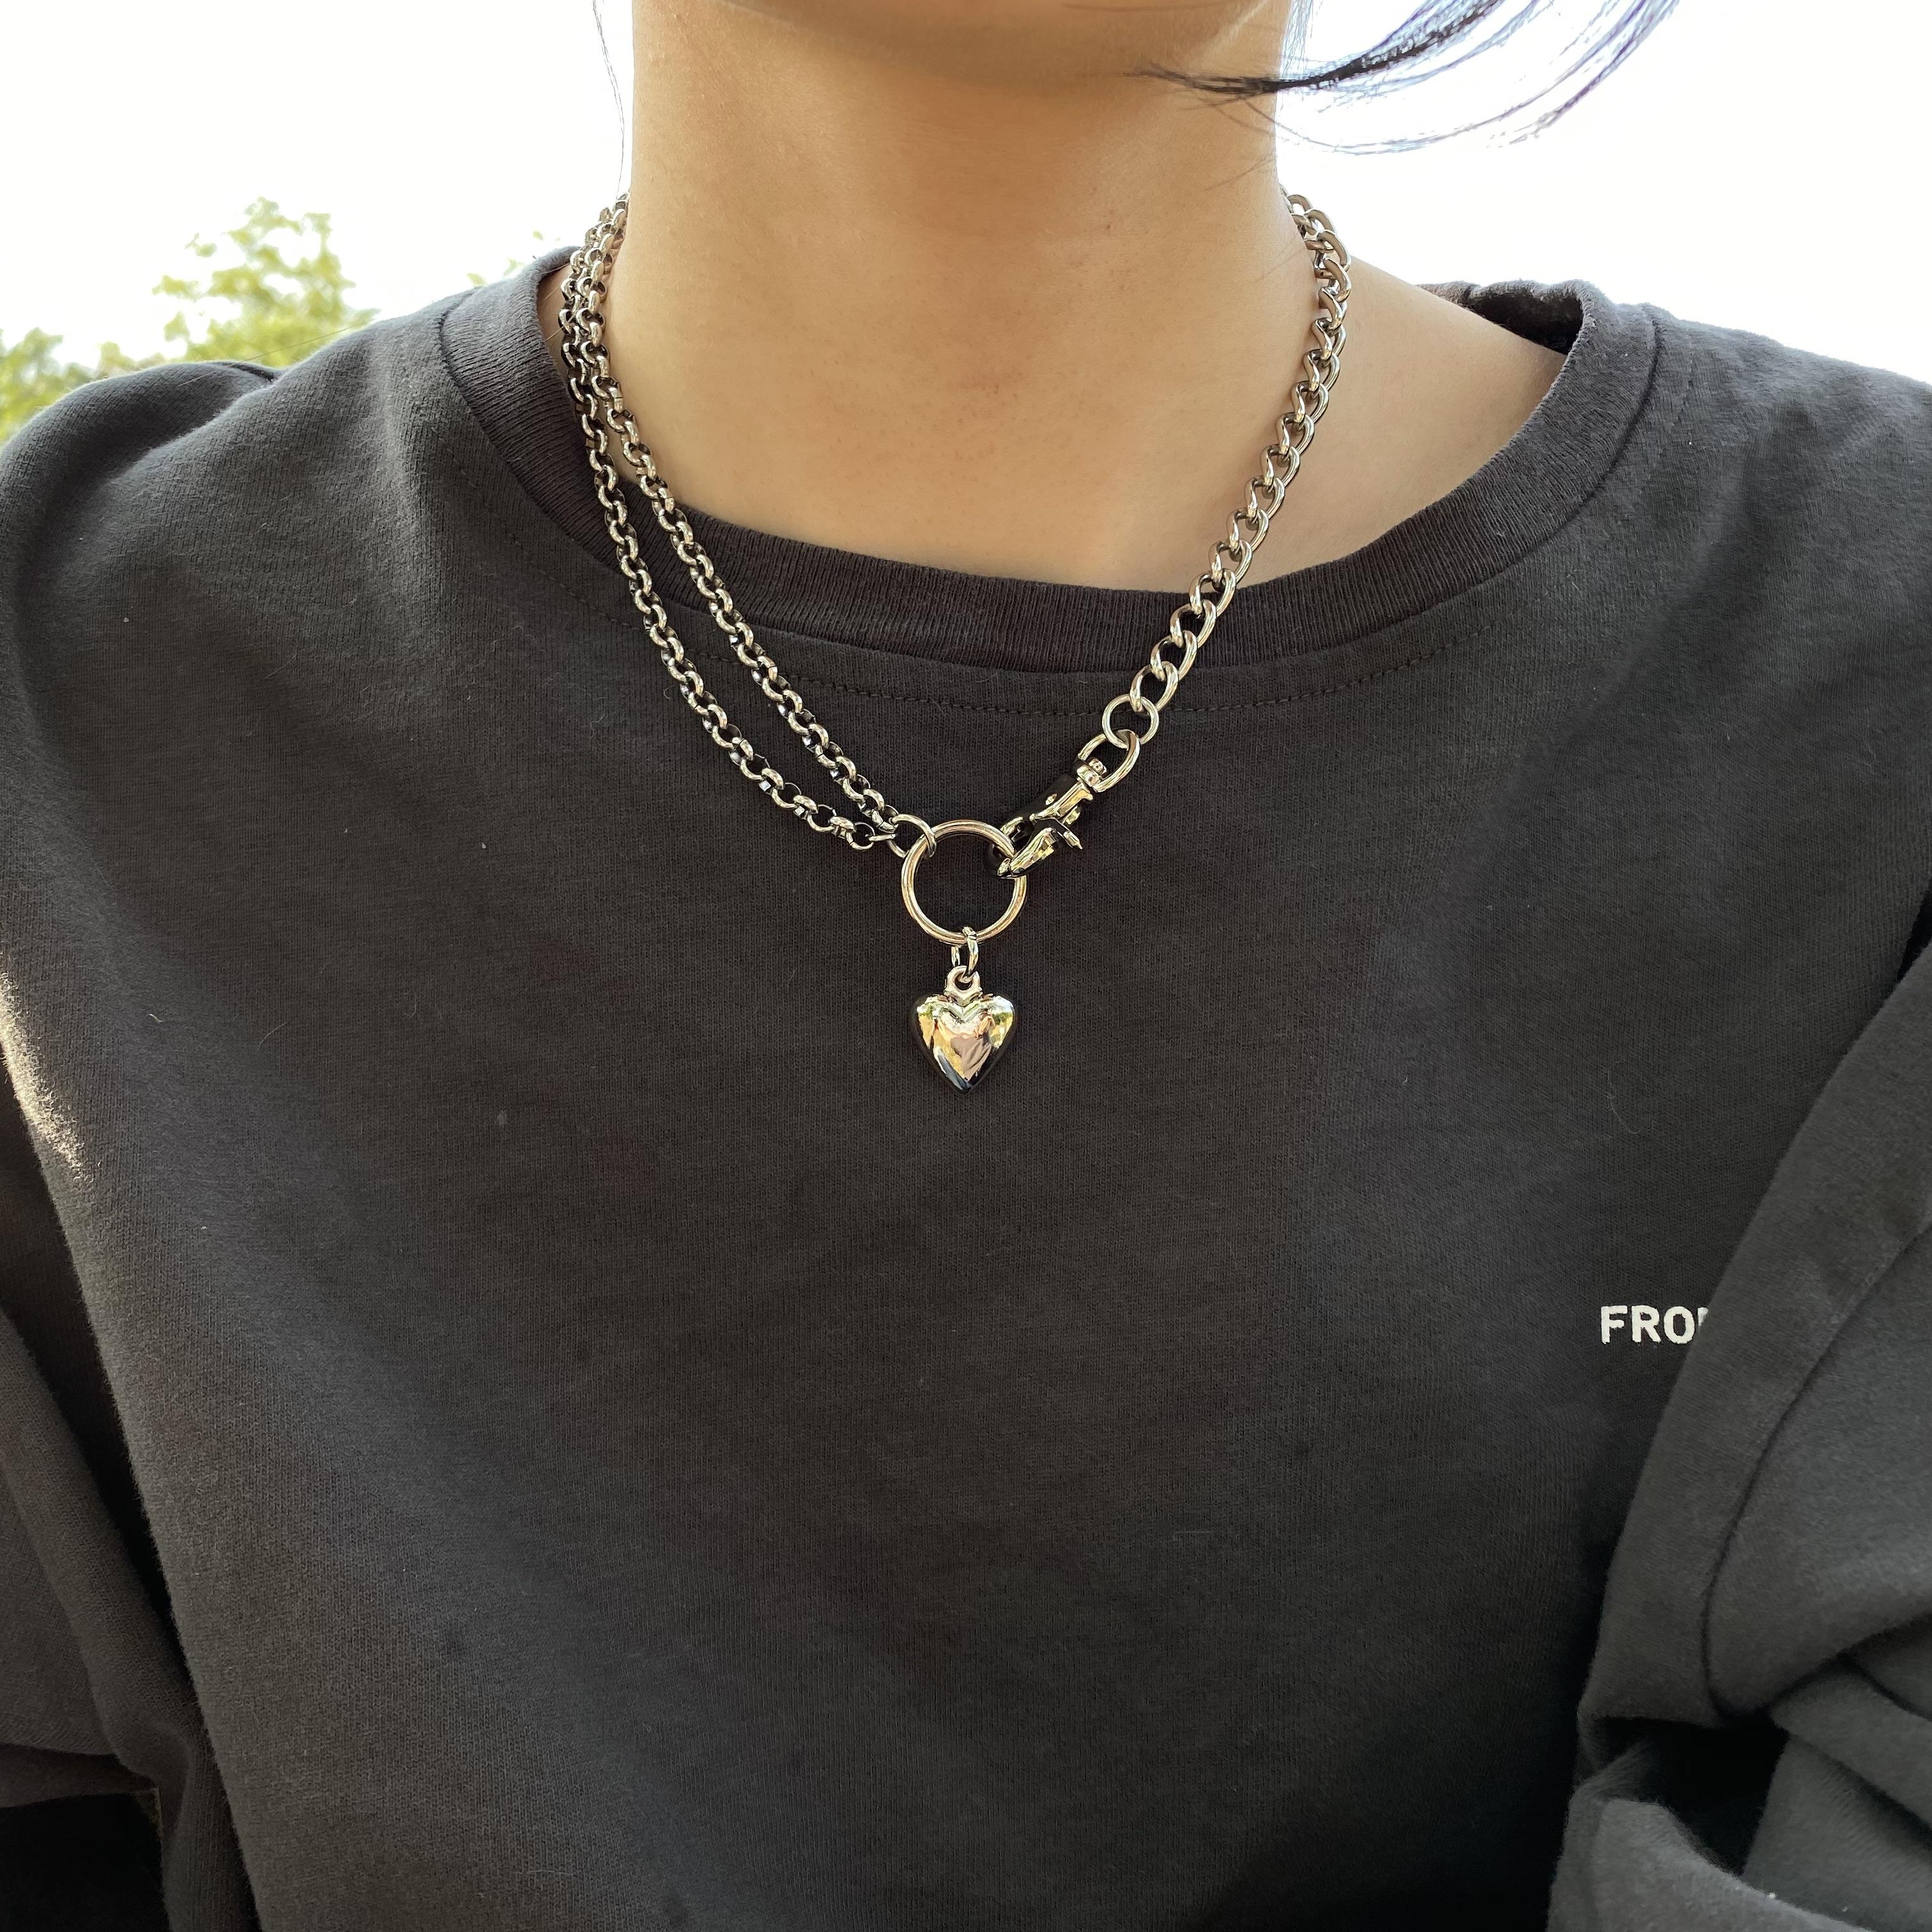 Multi level irregular Love Pendant Necklace splicing chain asymmetric neck chain niche Choker